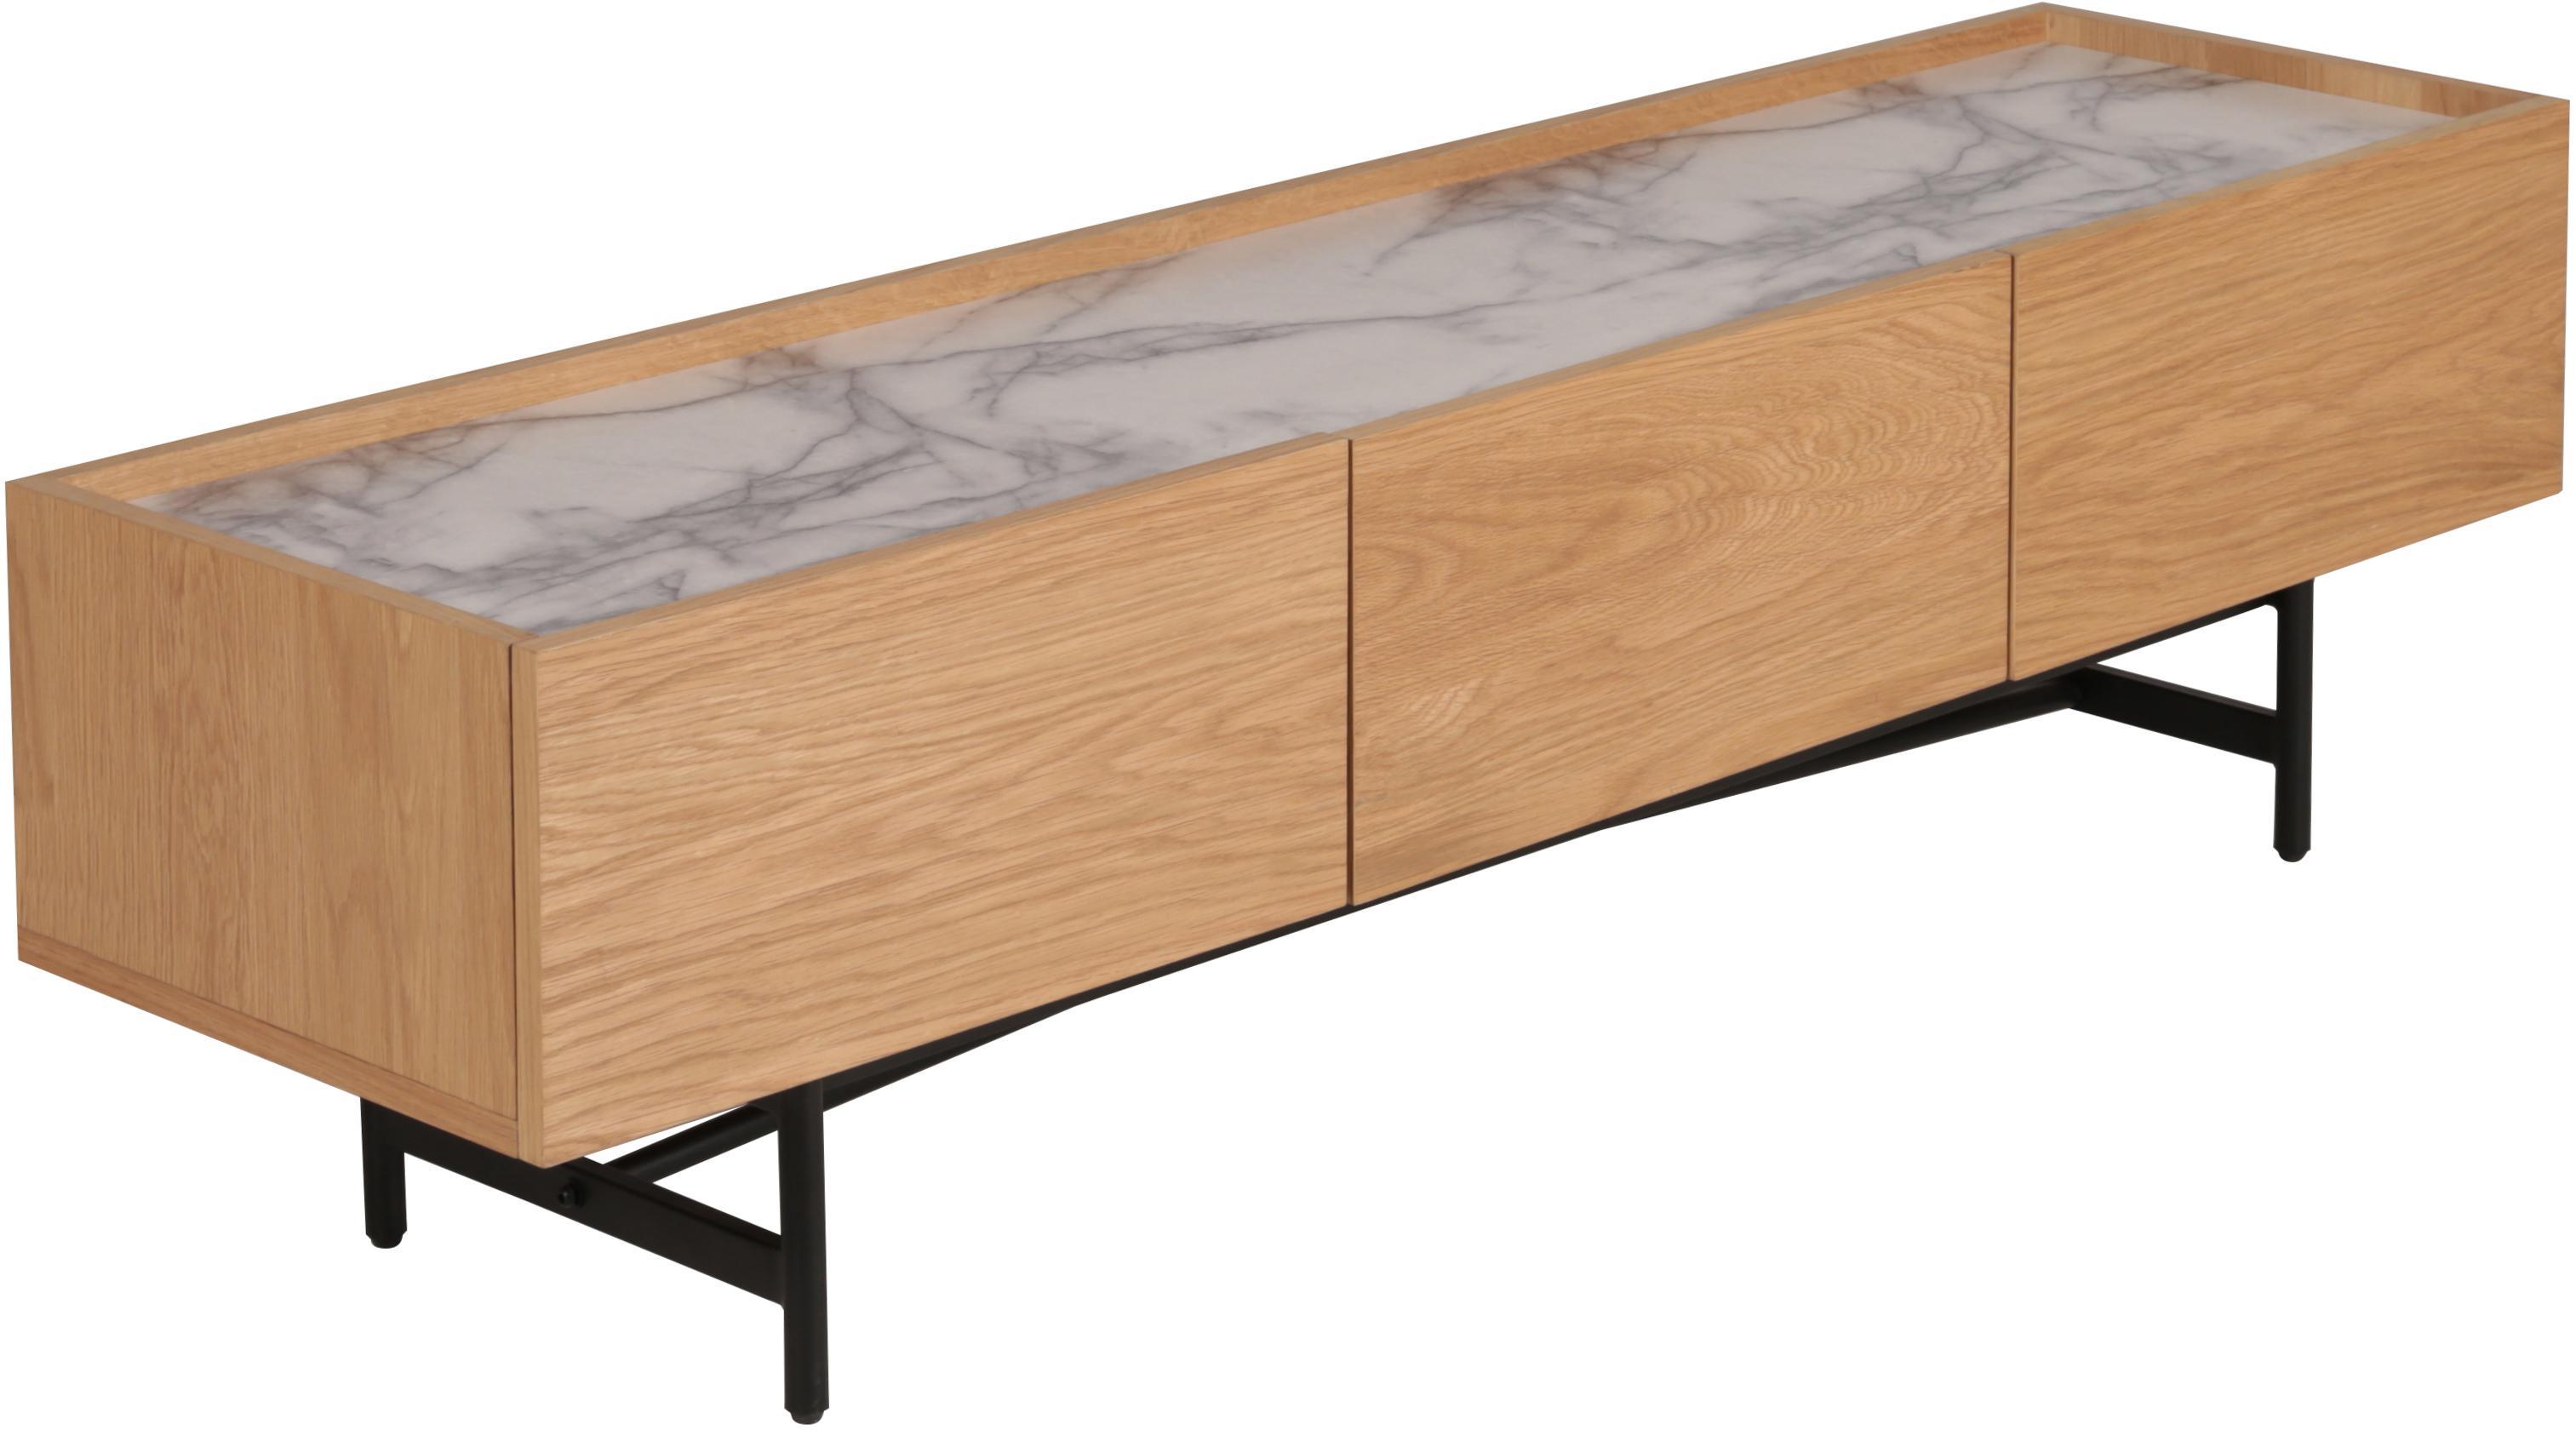 Tv-meubel Carare, Frame: MDF met eiken fineer, Poten: gecoat metaal, Tafelblad: marmer, Bruin, zwart, wit, gemarmerd, 160 x 45 cm